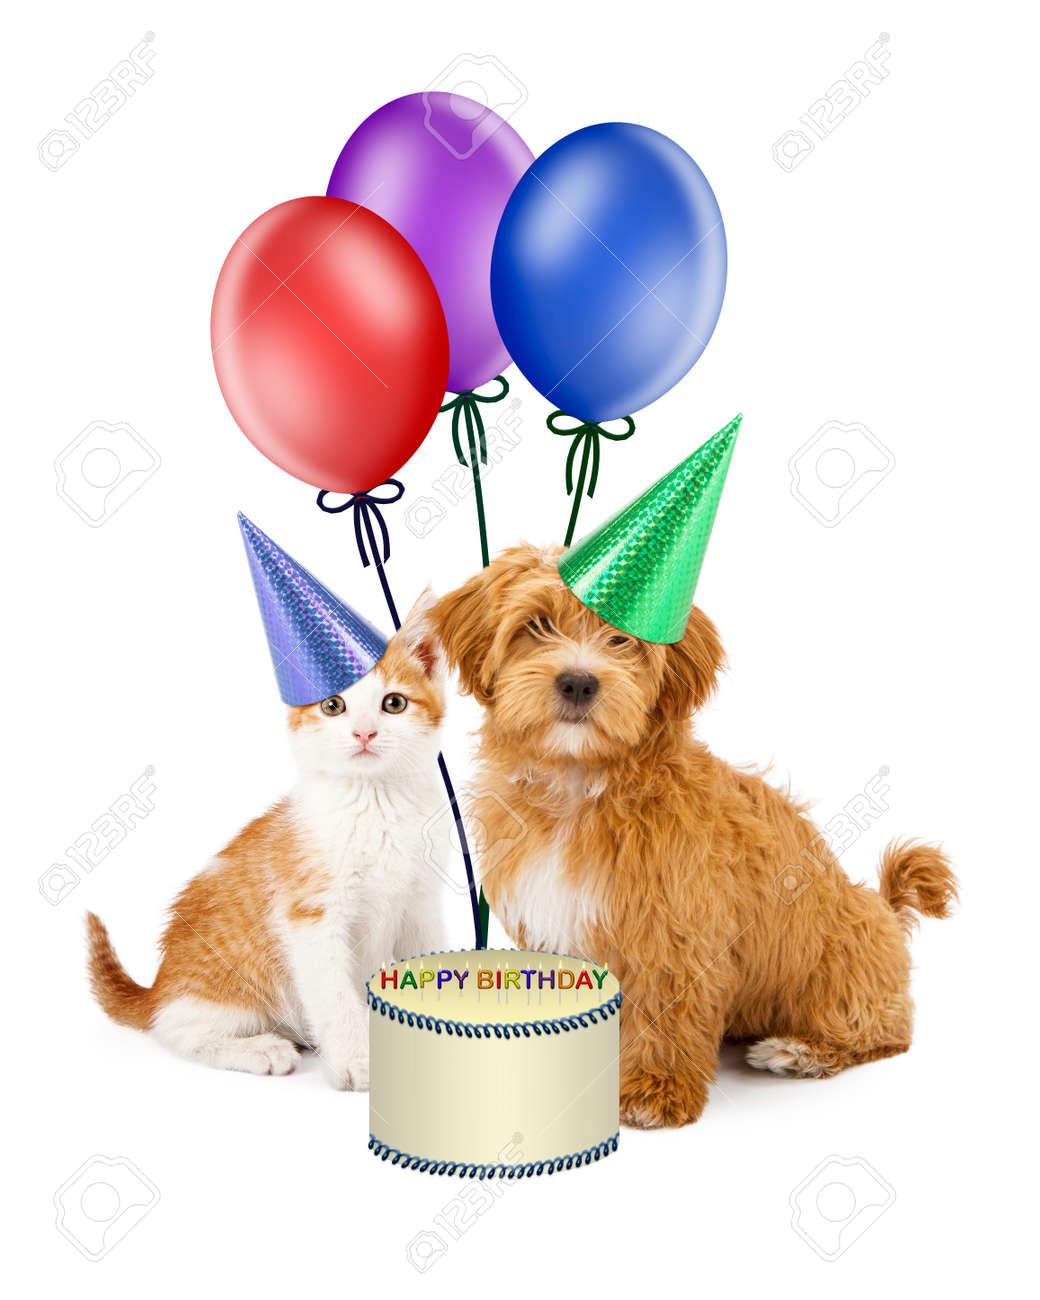 Kittens Wearing Party Hats Kitten Wearing Party Hats